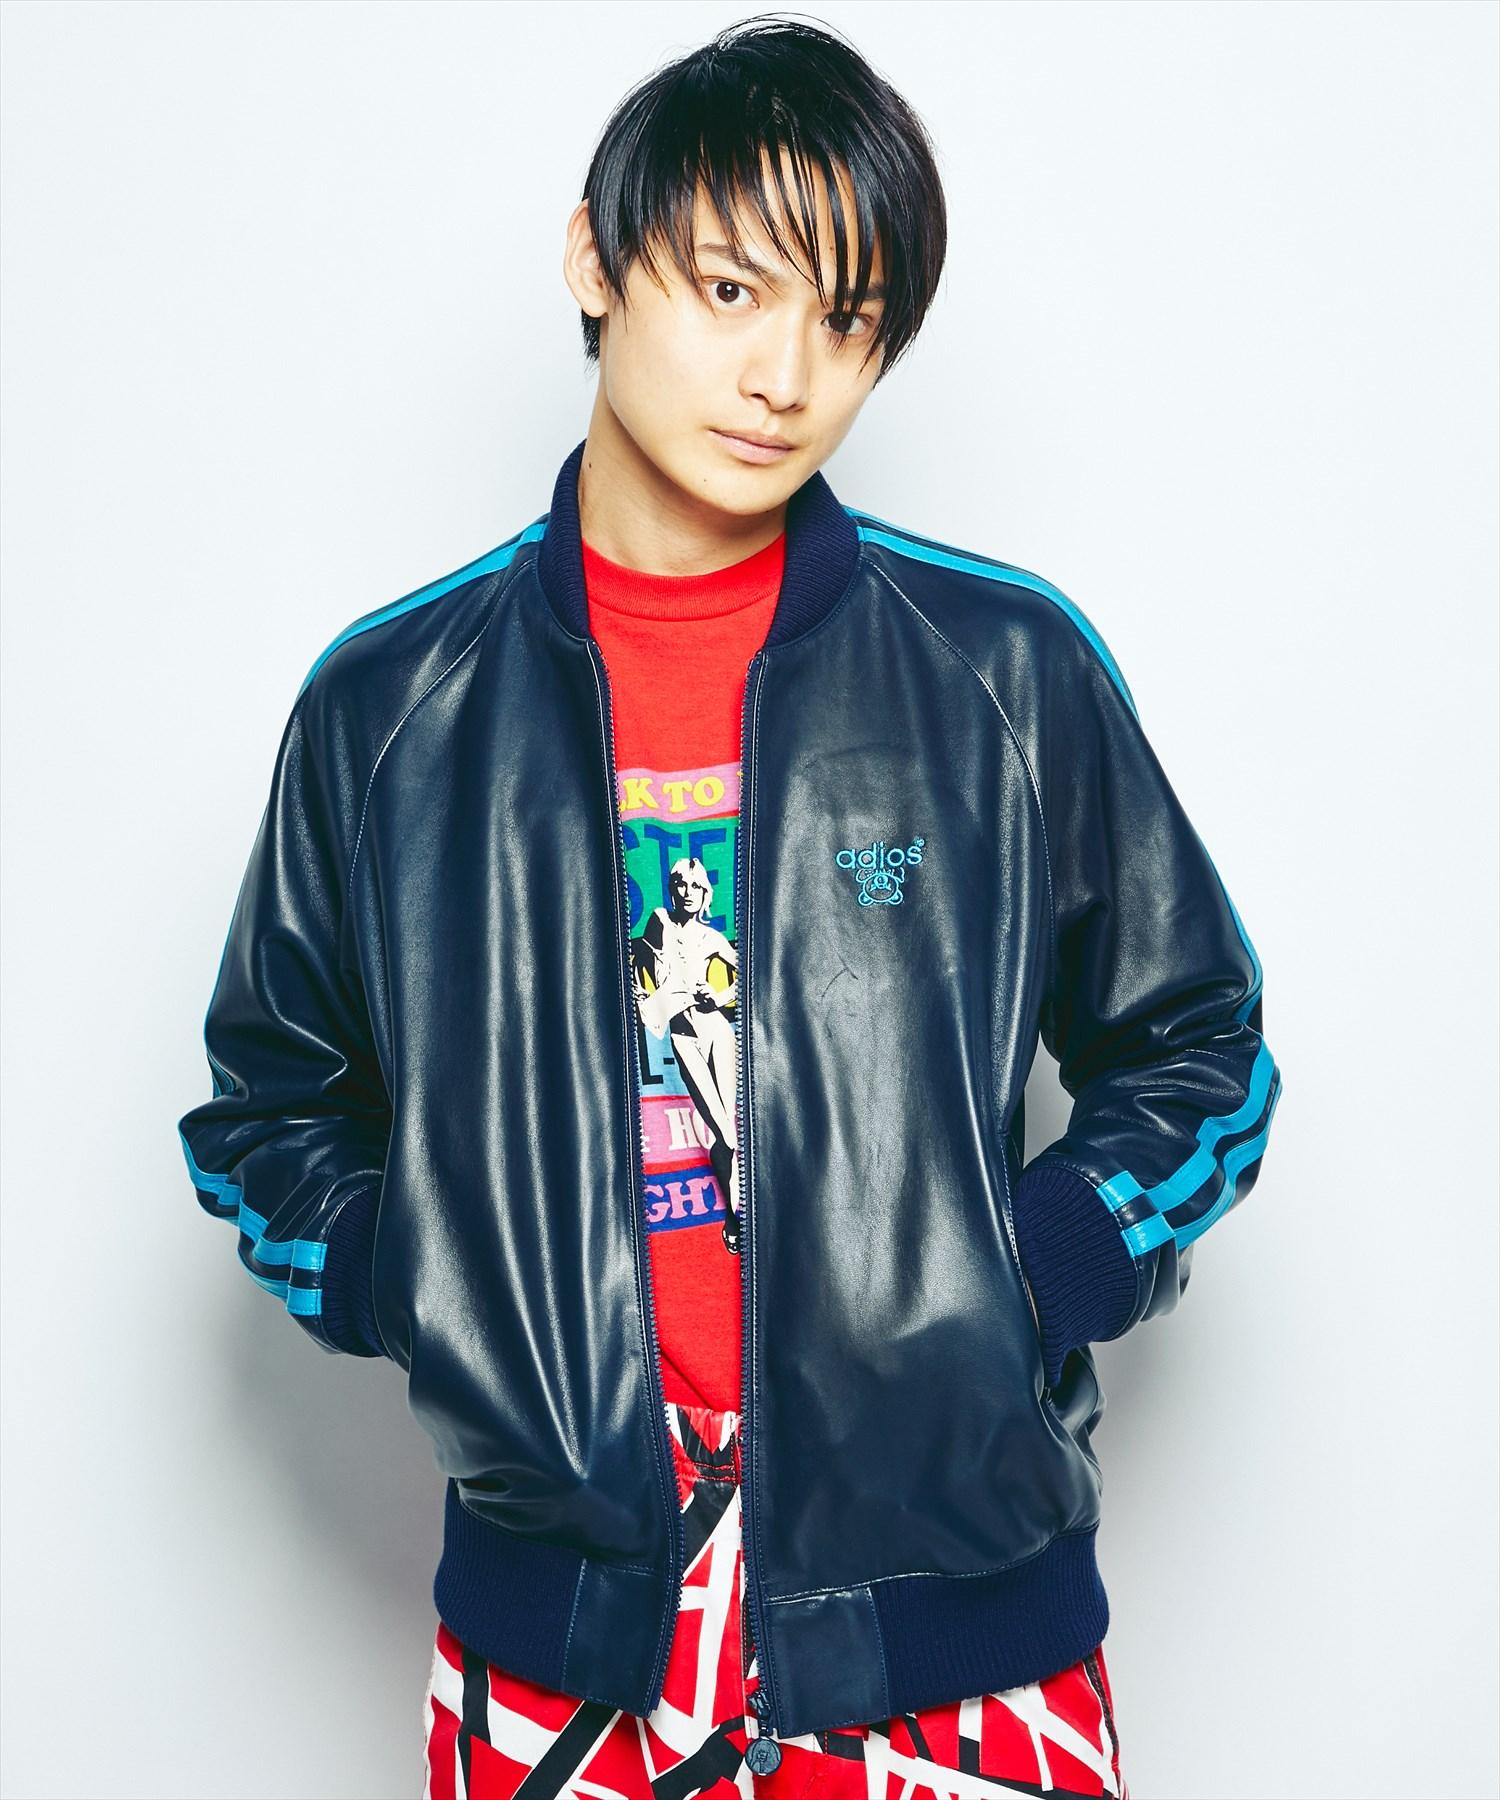 ADIOS刺繍 レザートラックジャケット